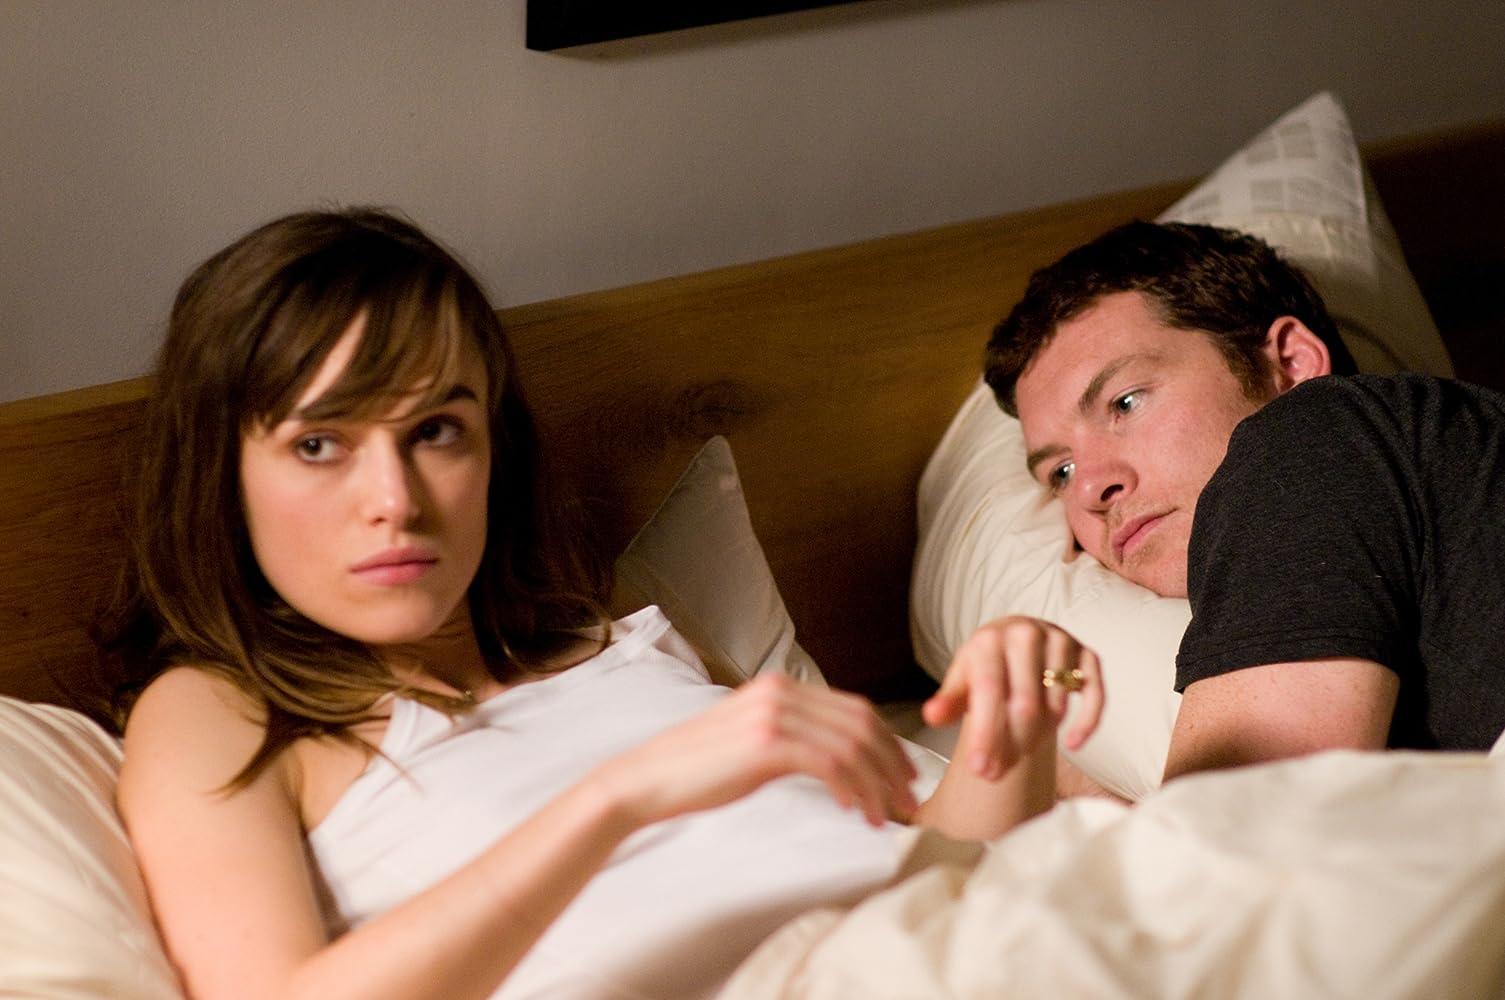 порно-ролик отъеб жен мужьями смотреть онлайн ввел